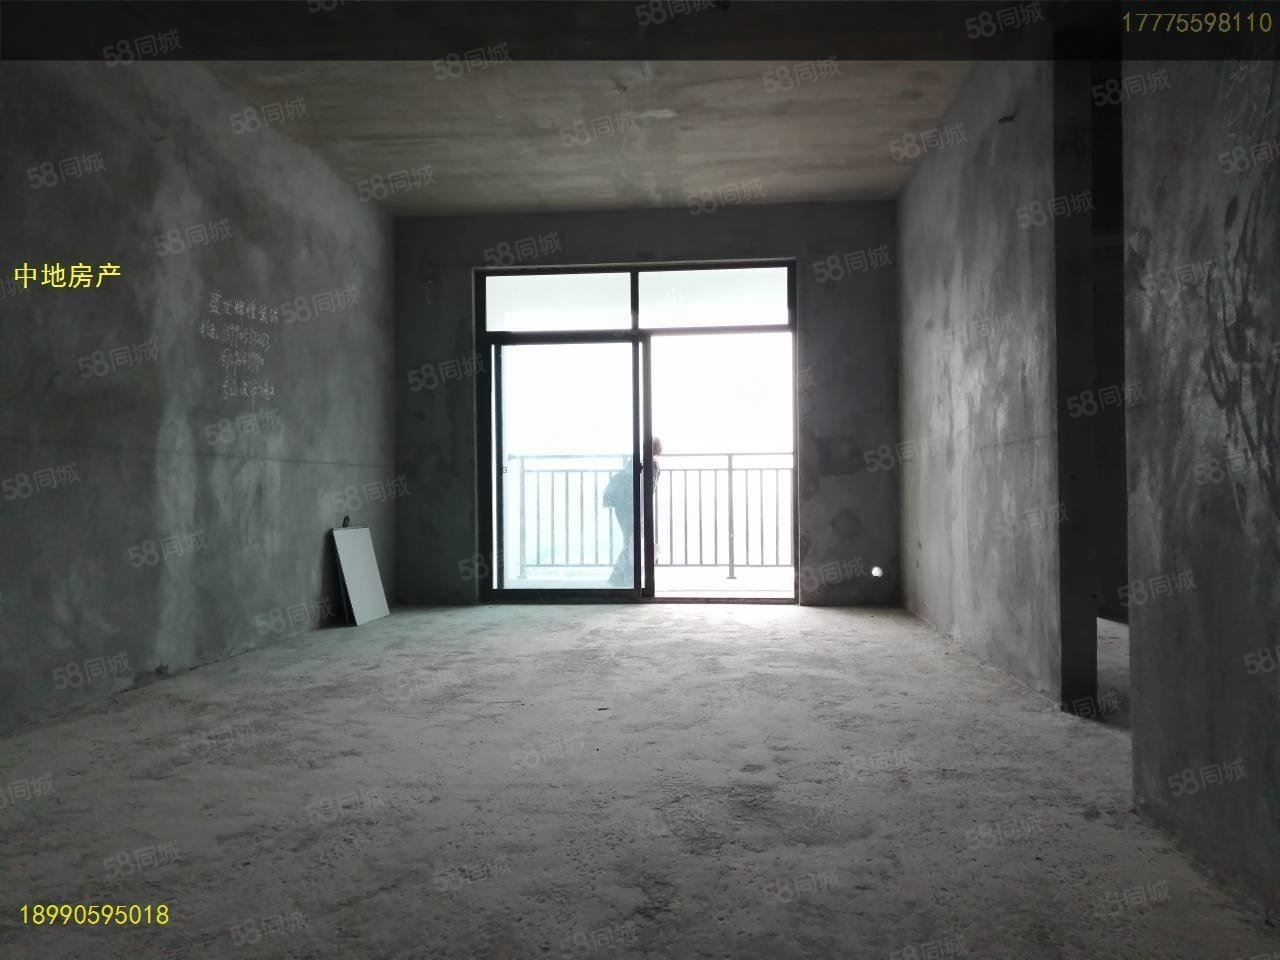 新樓盤現房單價才5800元一平米印象南城3室毛坯